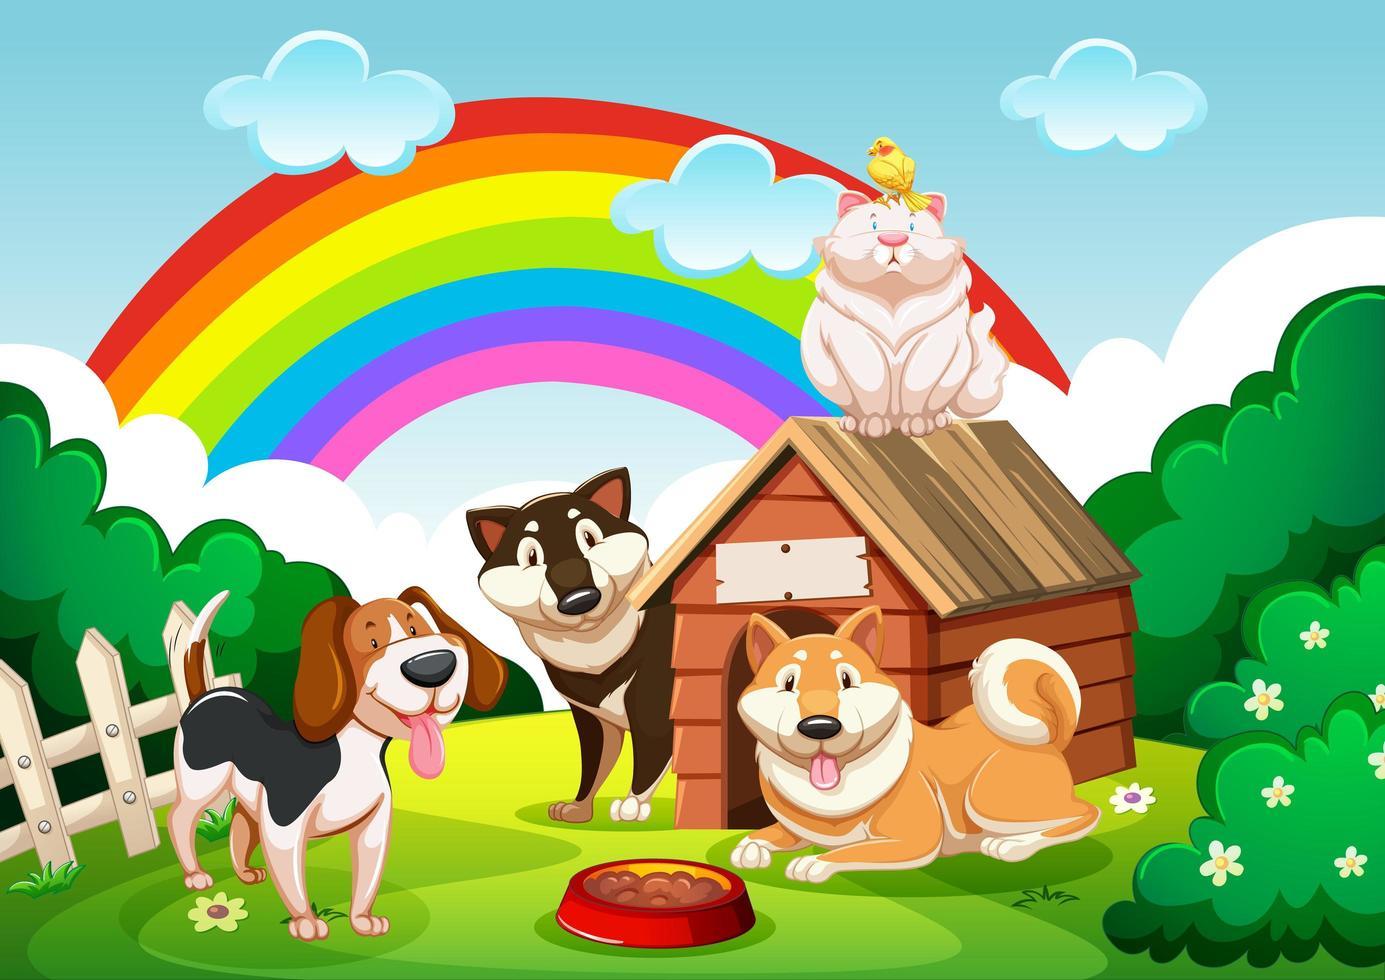 gruppo di cani e un gatto in giardino con scena arcobaleno vettore